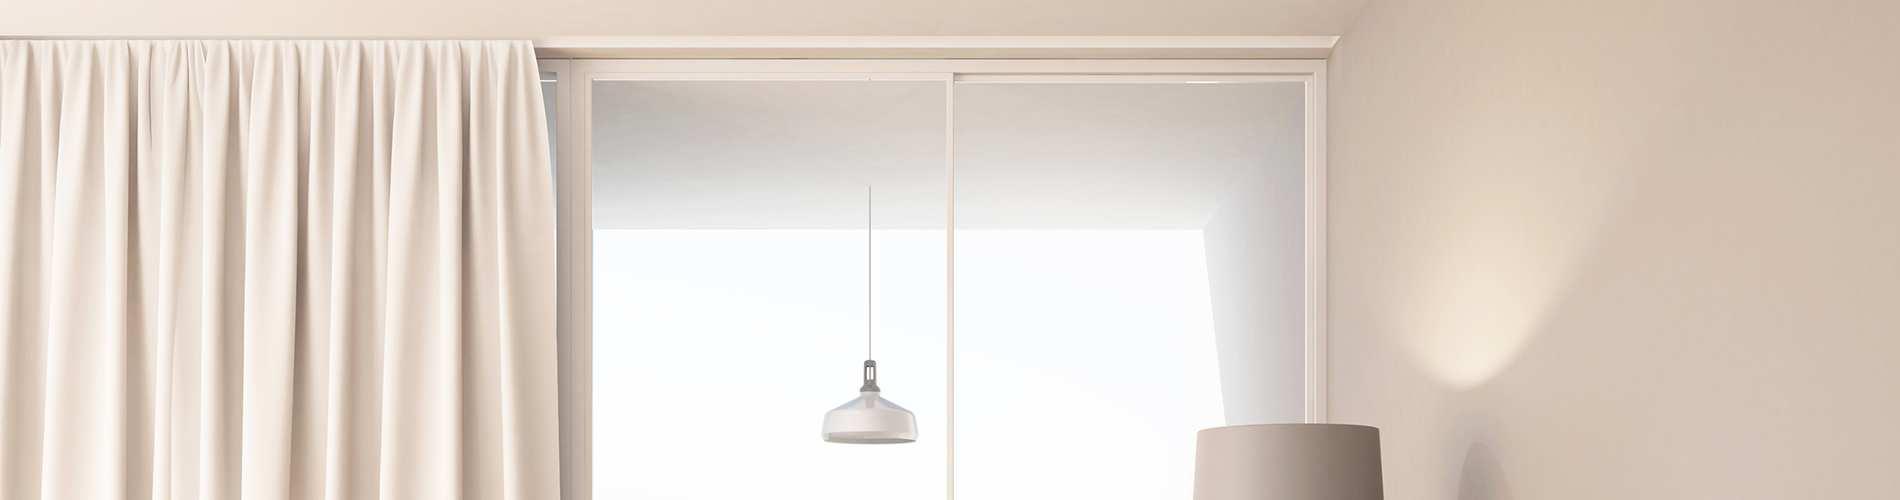 Barre Rideau Fixation Plafond 5 étapes pour accrocher une tringle à rideaux - bricofamily